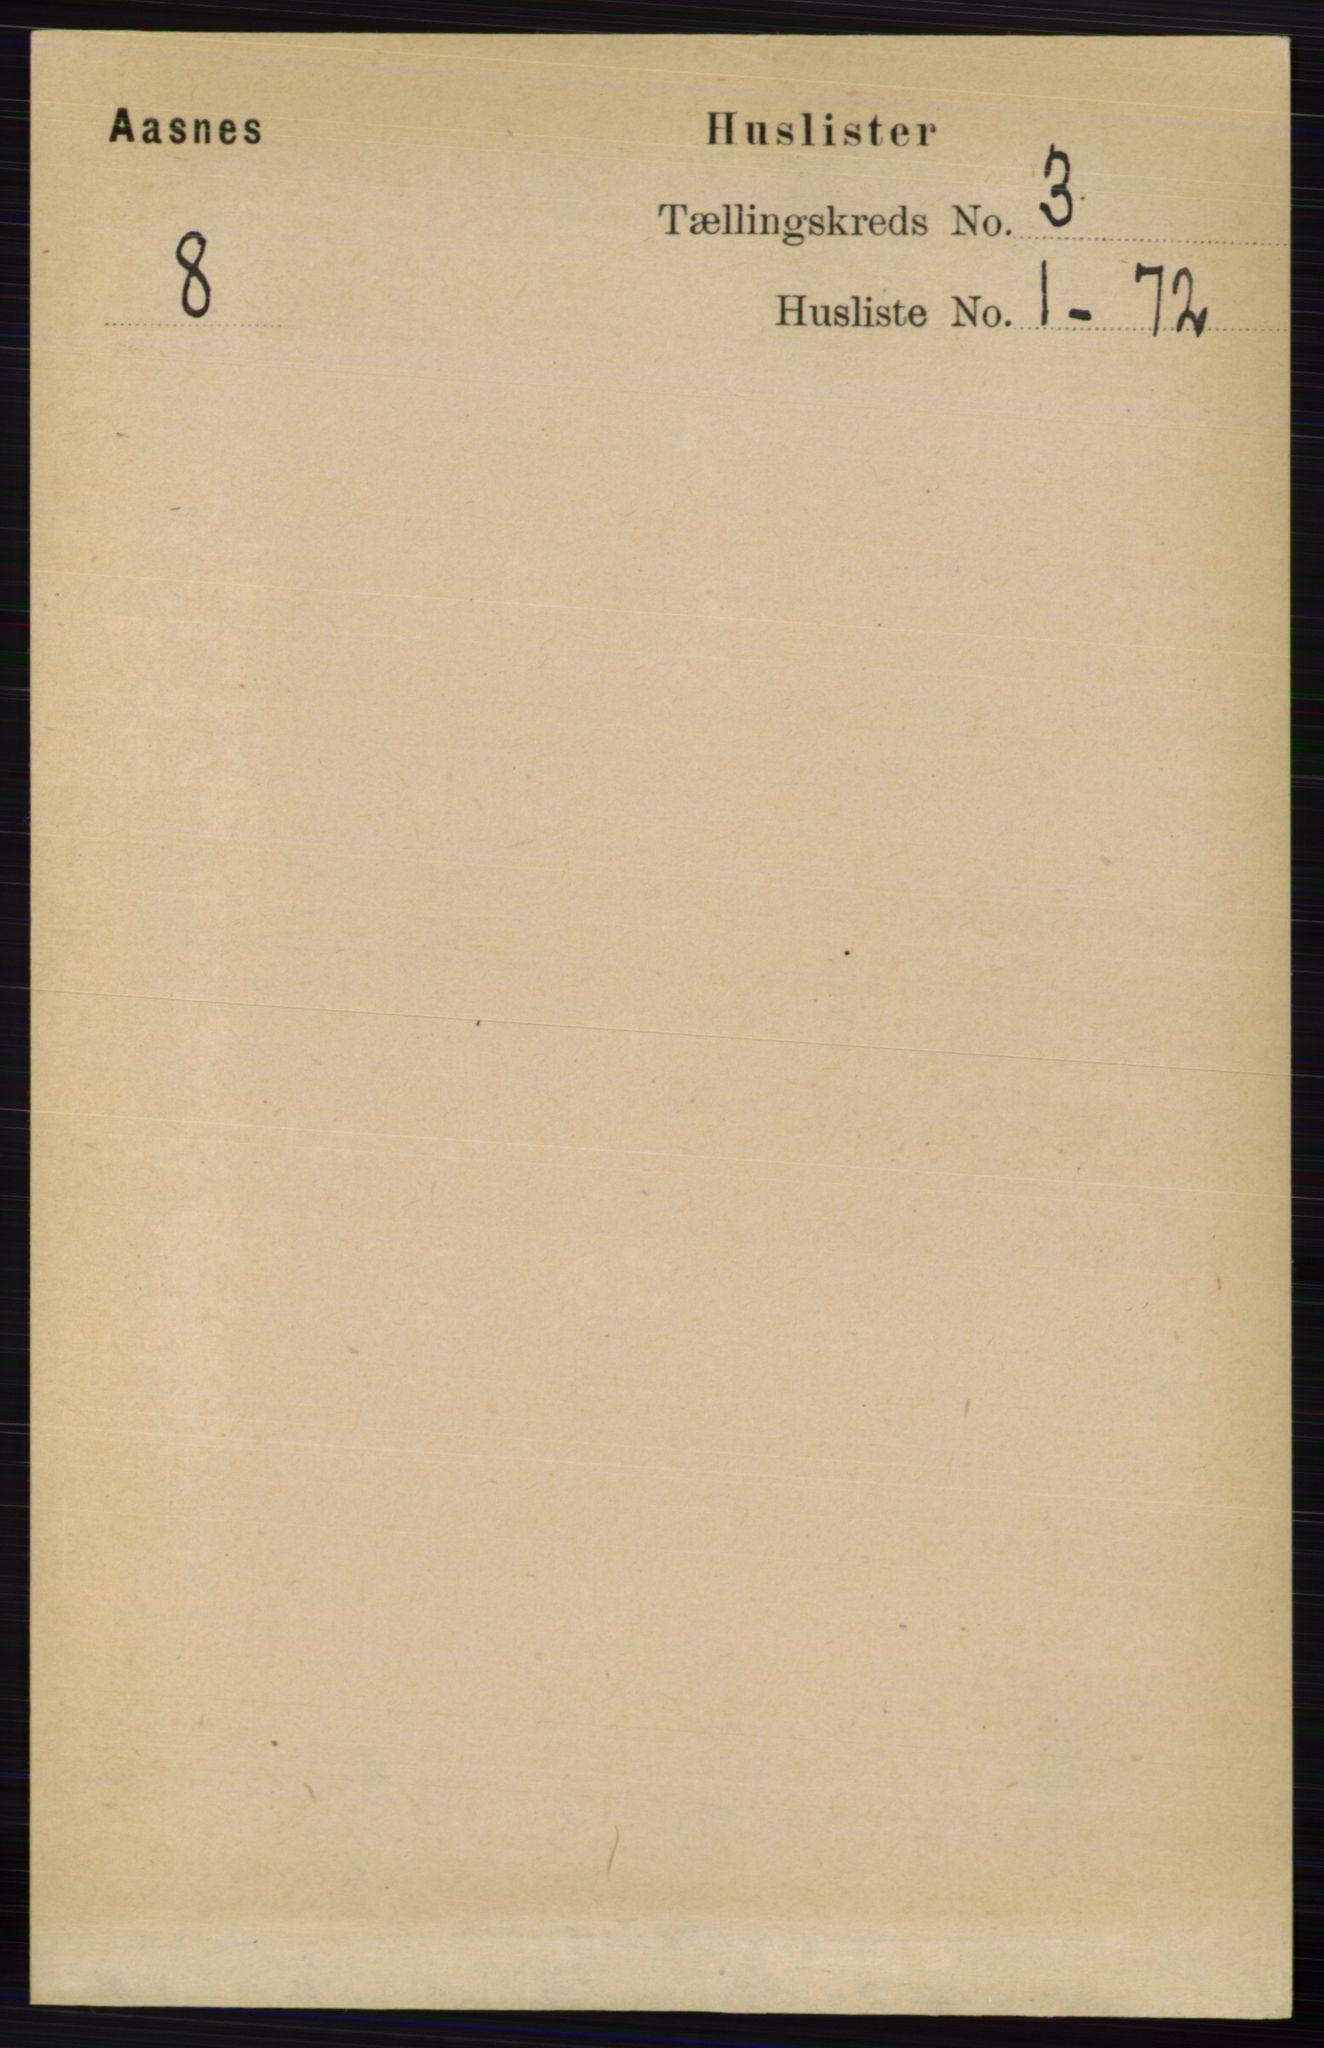 RA, Folketelling 1891 for 0425 Åsnes herred, 1891, s. 952